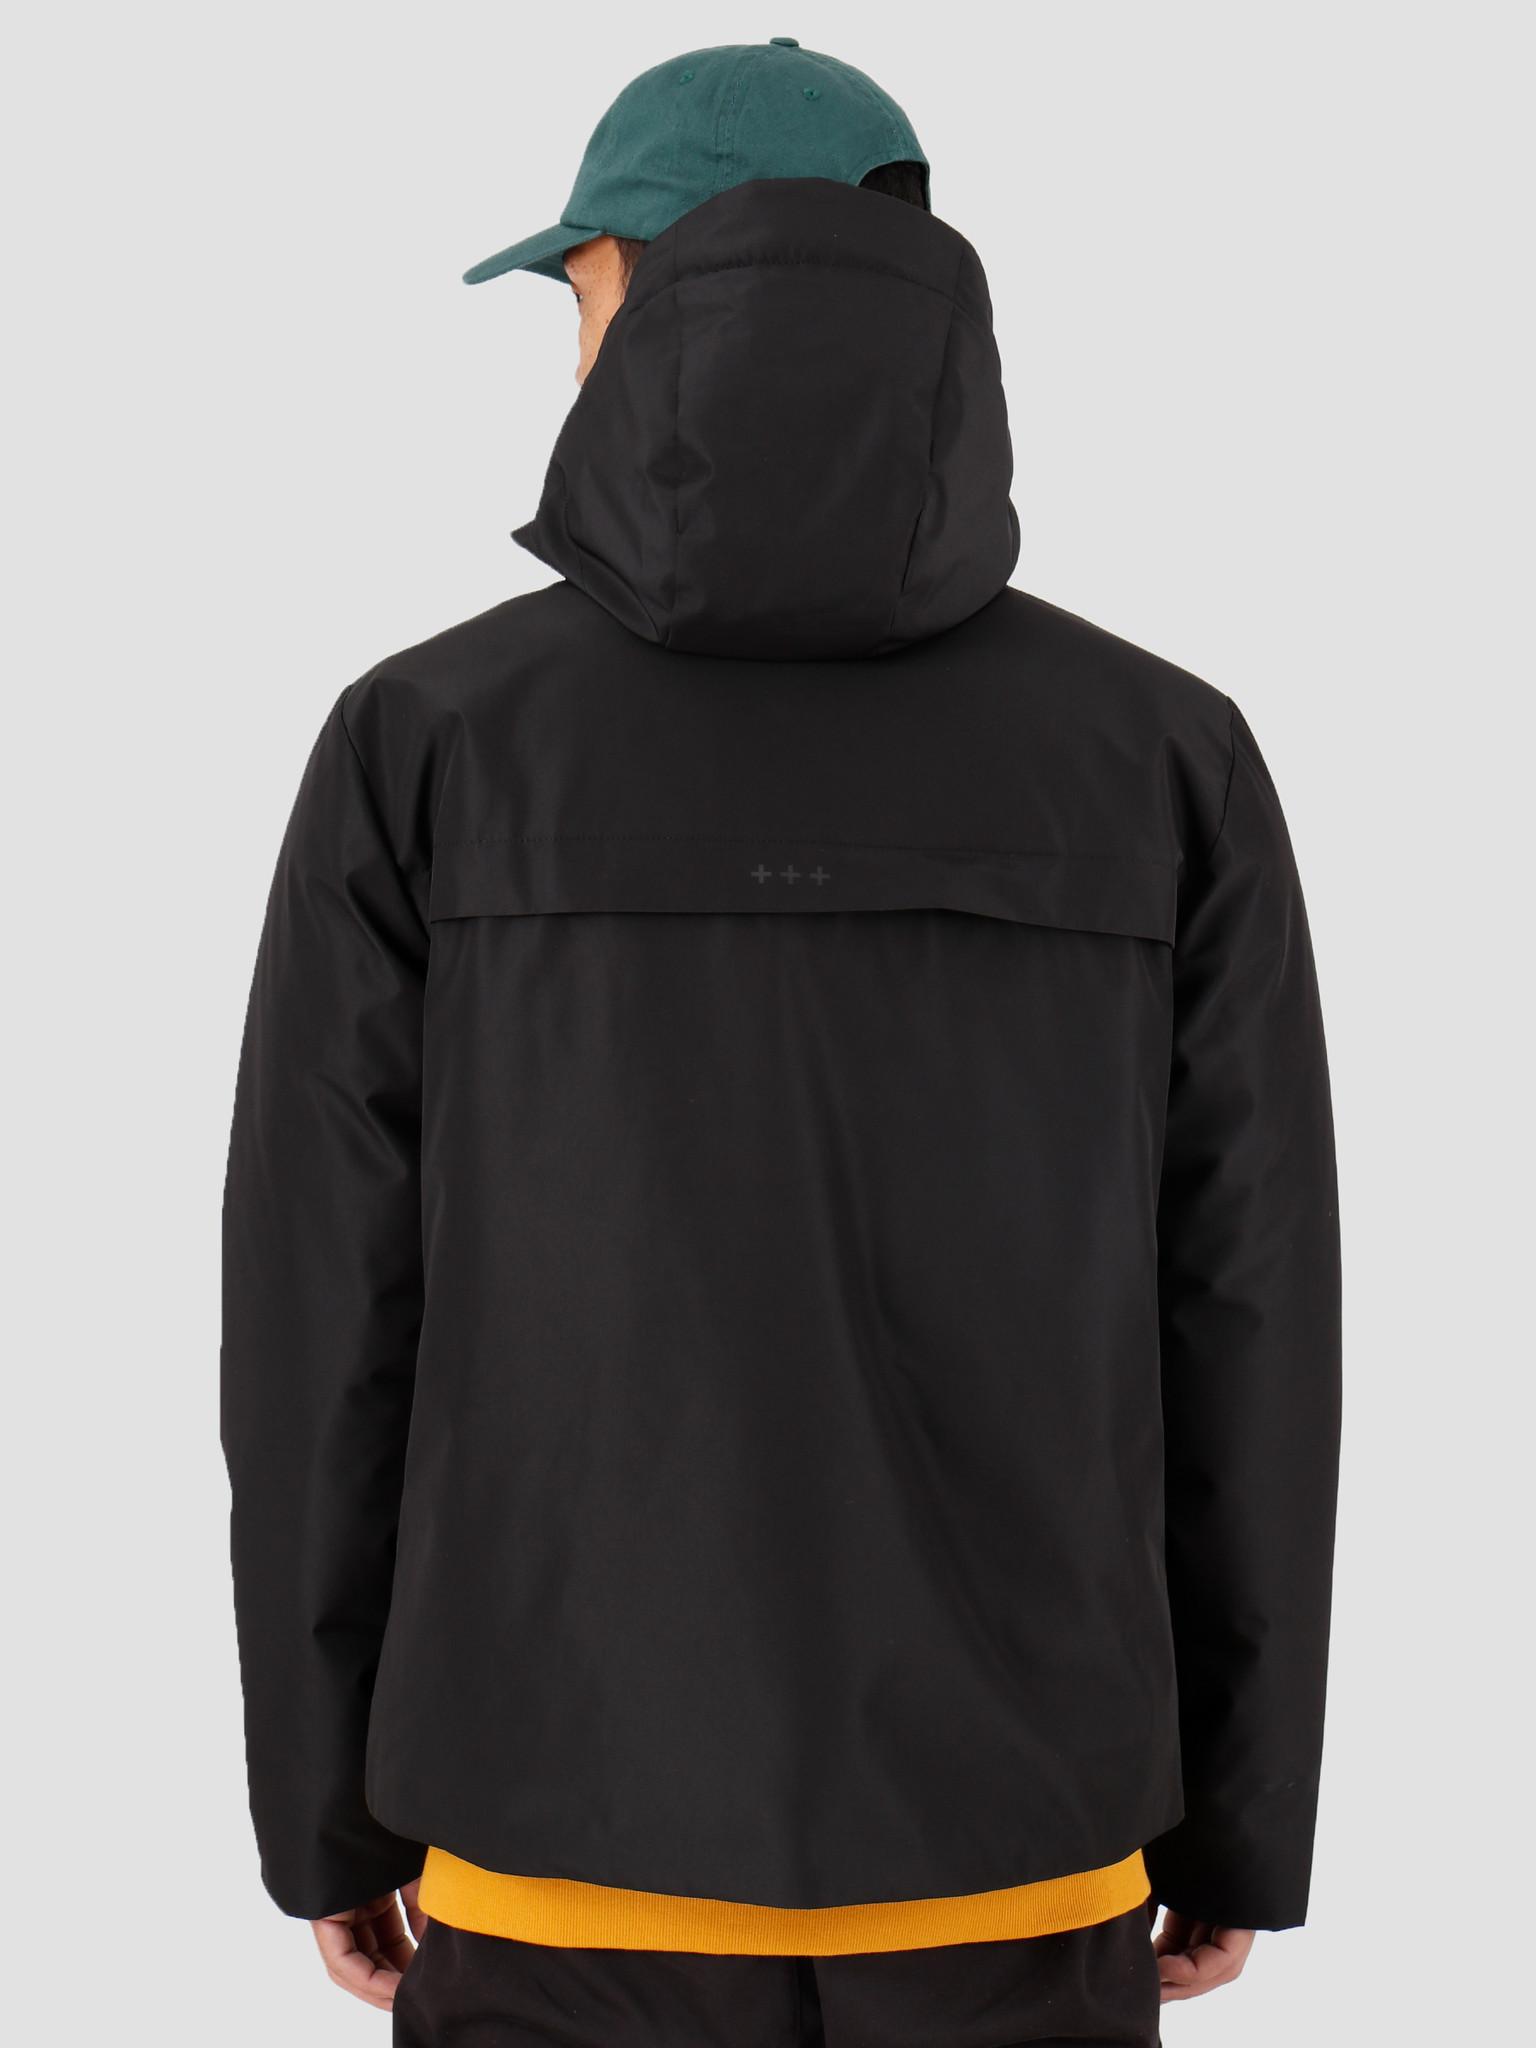 Quality Blanks Quality Blanks QB24 Short Jacket Black